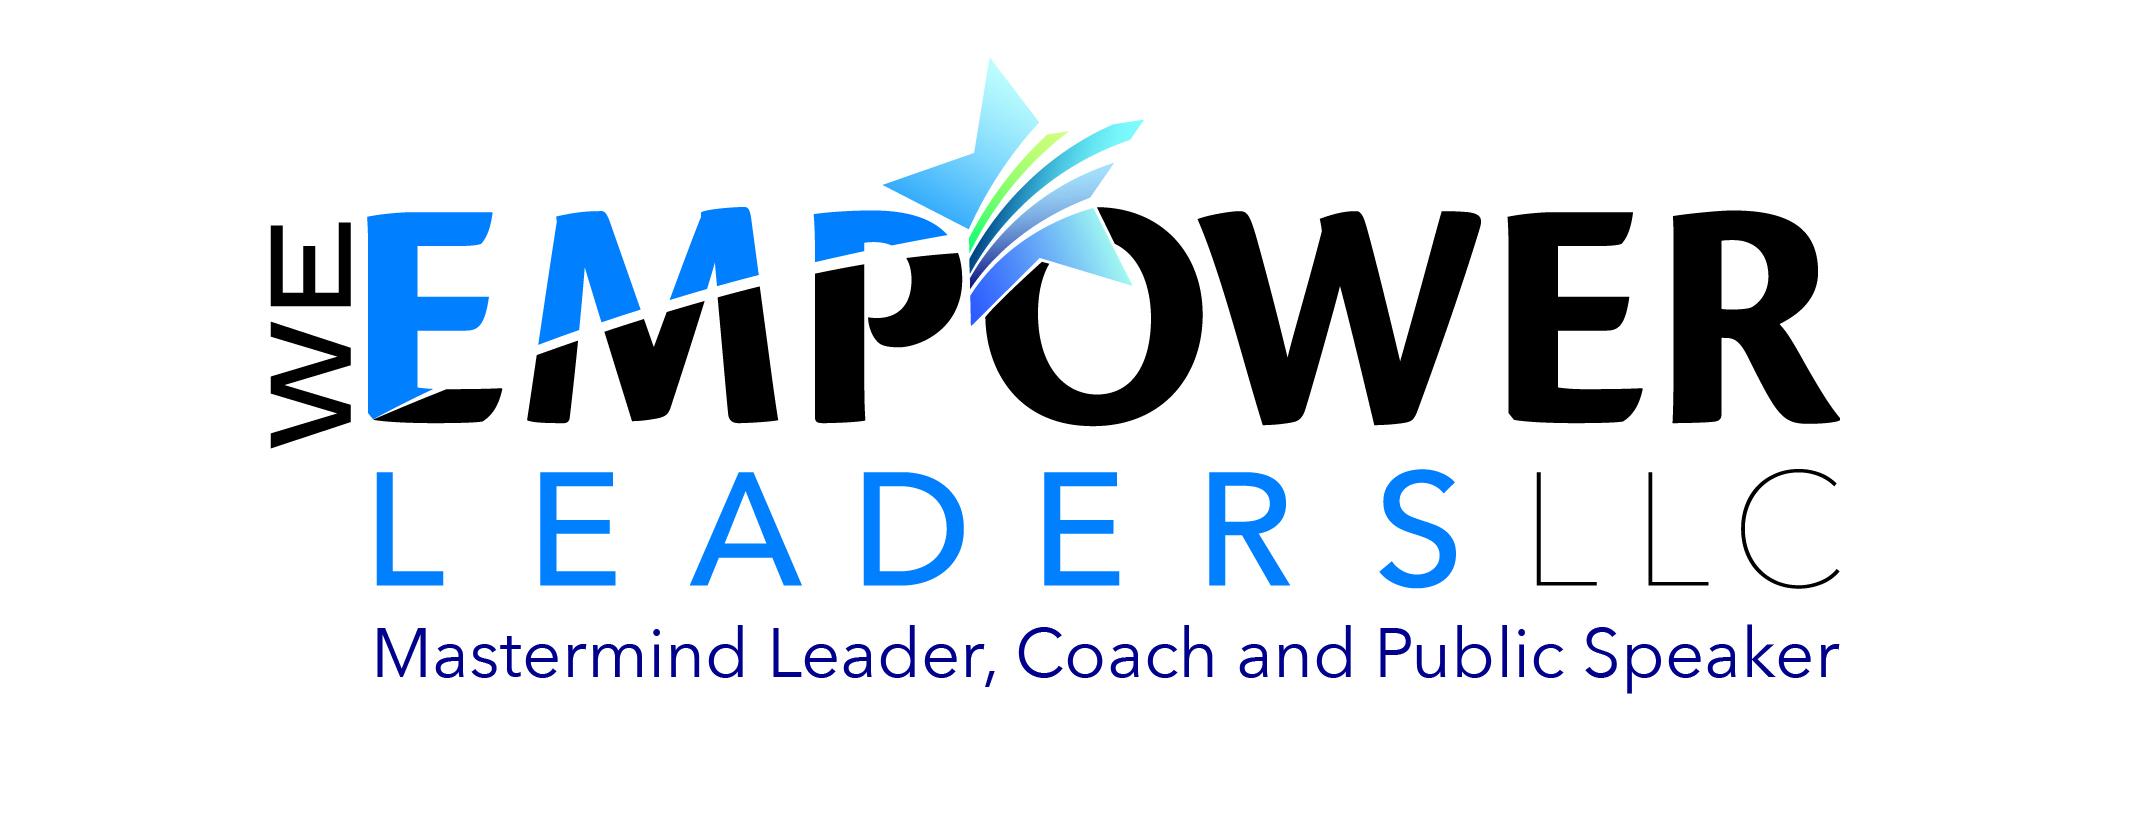 Weempowerleaders logo